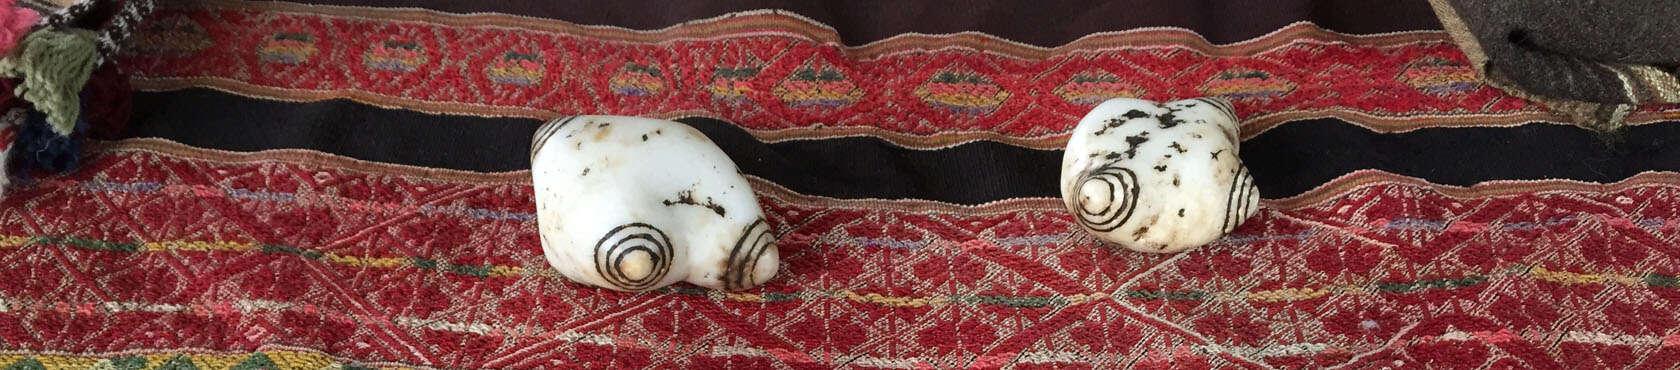 Mullu Khuyas oder Chumpi Steine nutzen die Inkas und die Inka-Meister, um die schamanische Zeremonie Ñawi Kichay und Chumpi Away durchzuführen